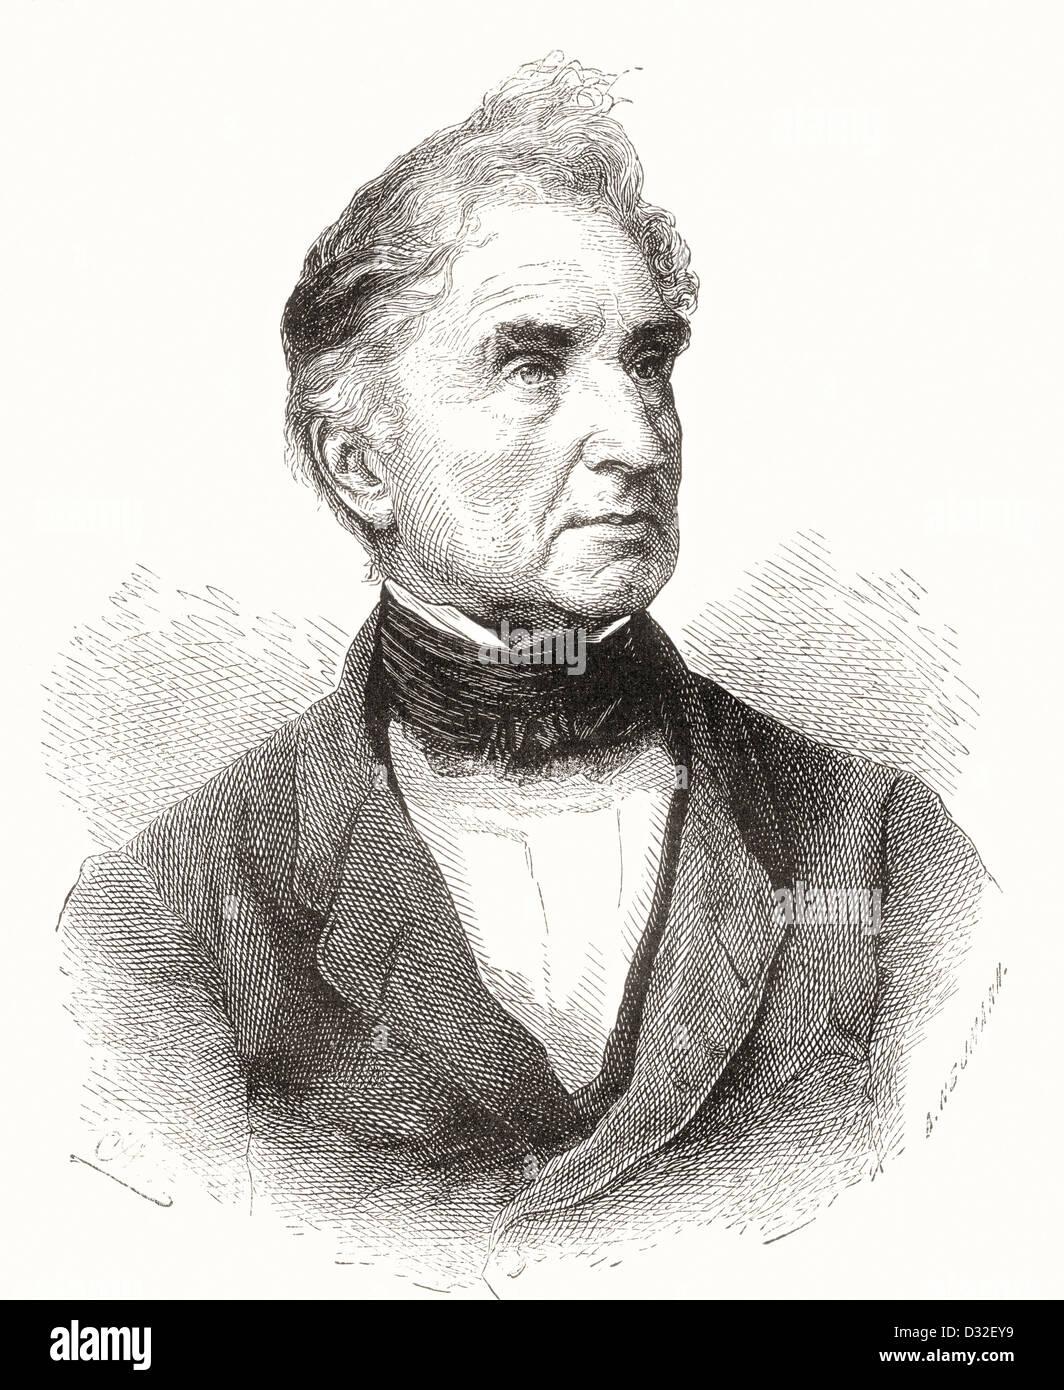 Justus Freiherr von Liebig, 1803 –1873. German chemist. - Stock Image